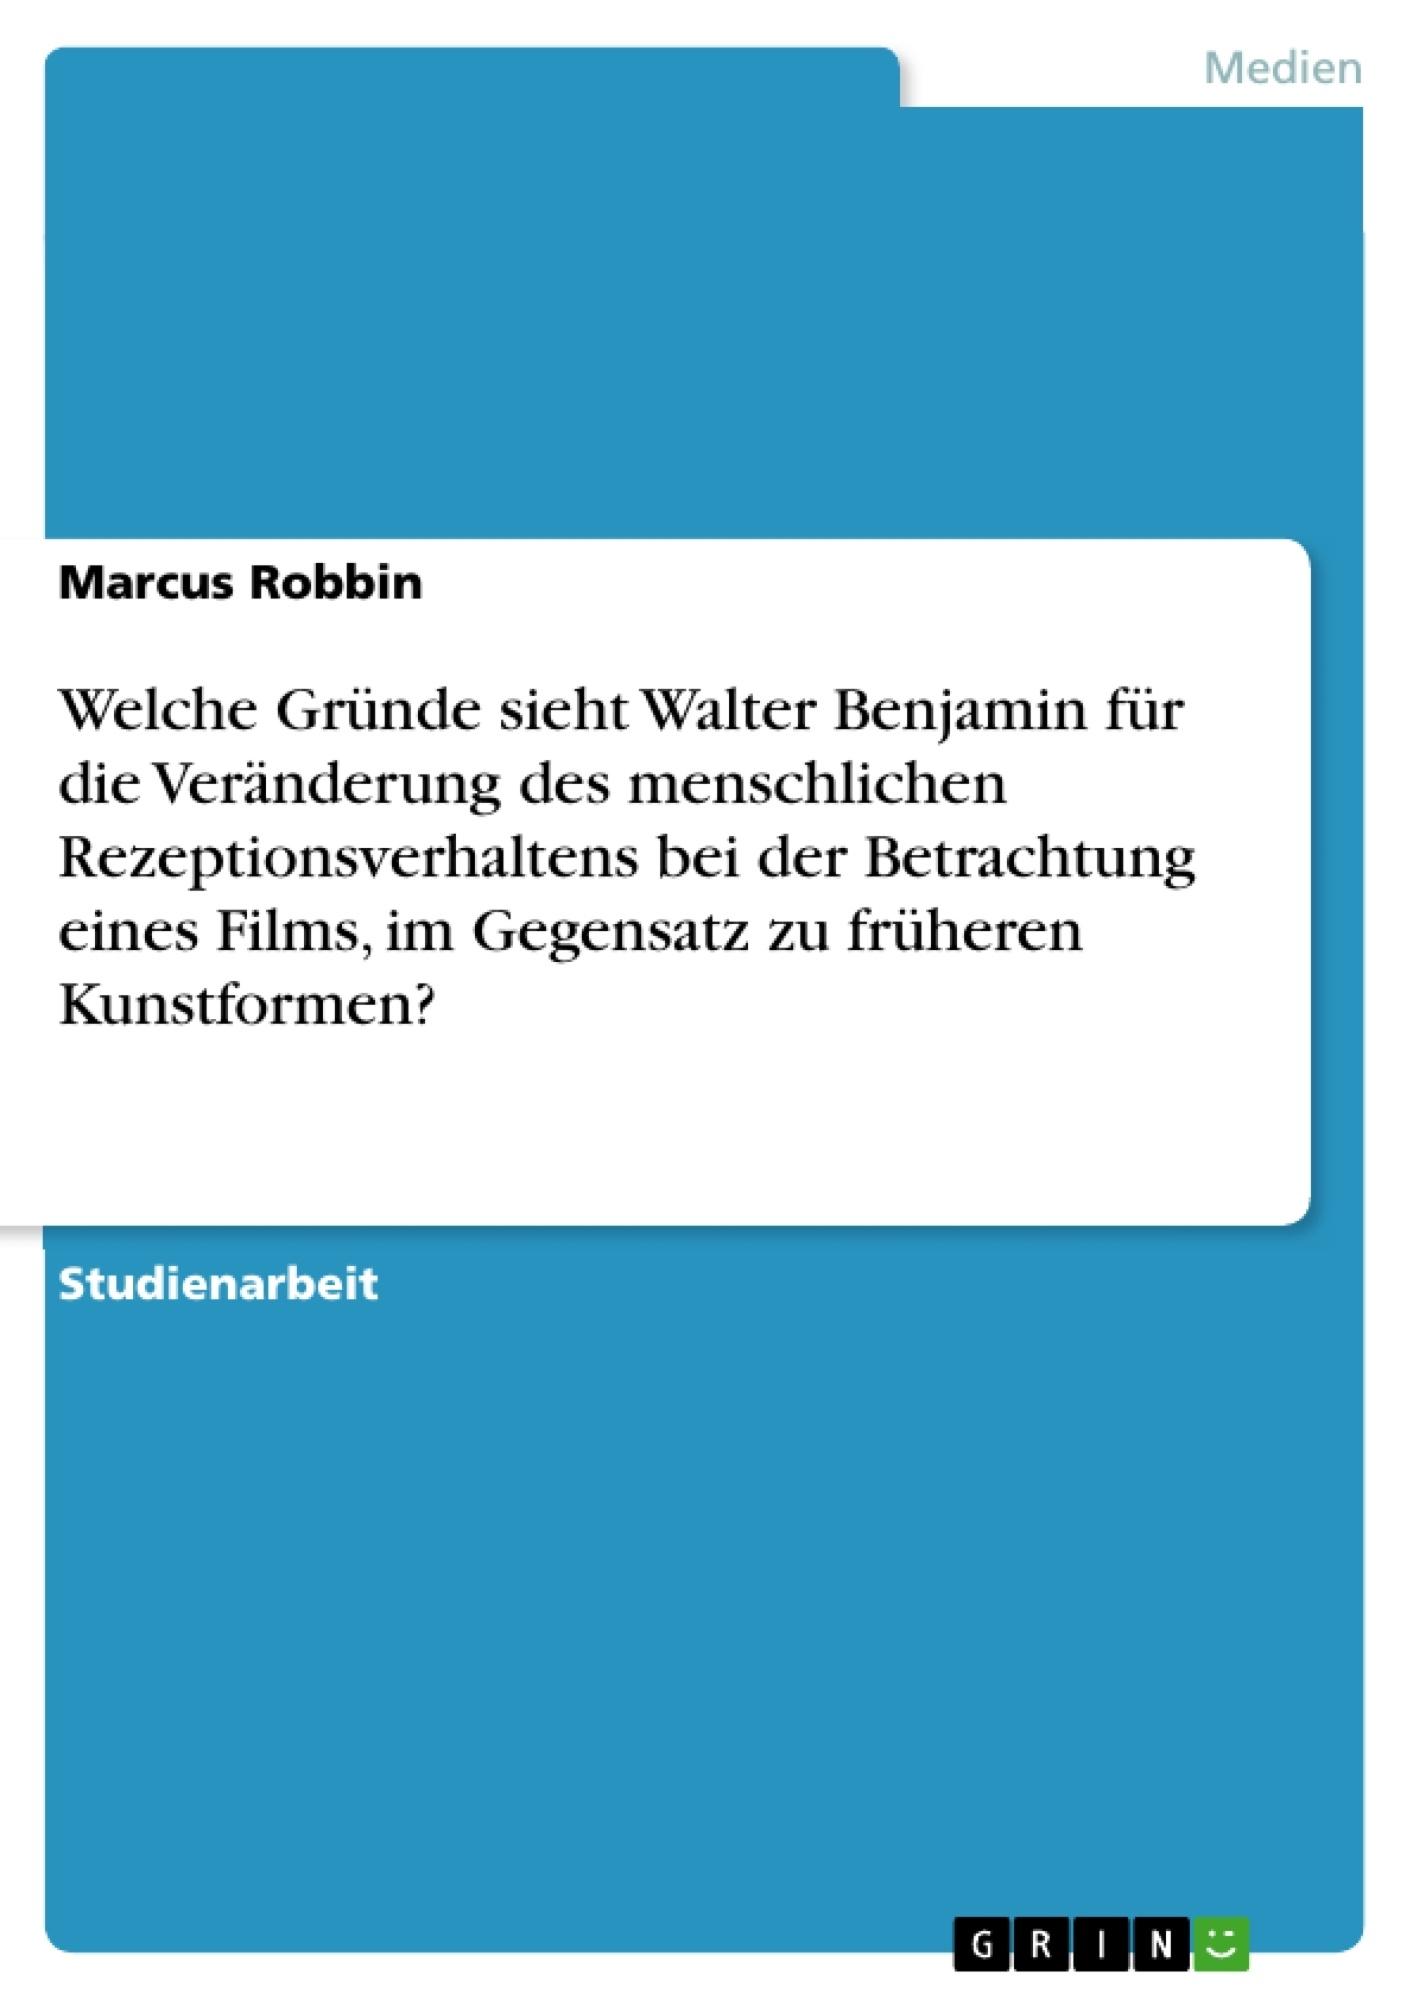 Titel: Welche Gründe sieht Walter Benjamin für die Veränderung des menschlichen Rezeptionsverhaltens bei der Betrachtung eines Films, im Gegensatz zu früheren Kunstformen?